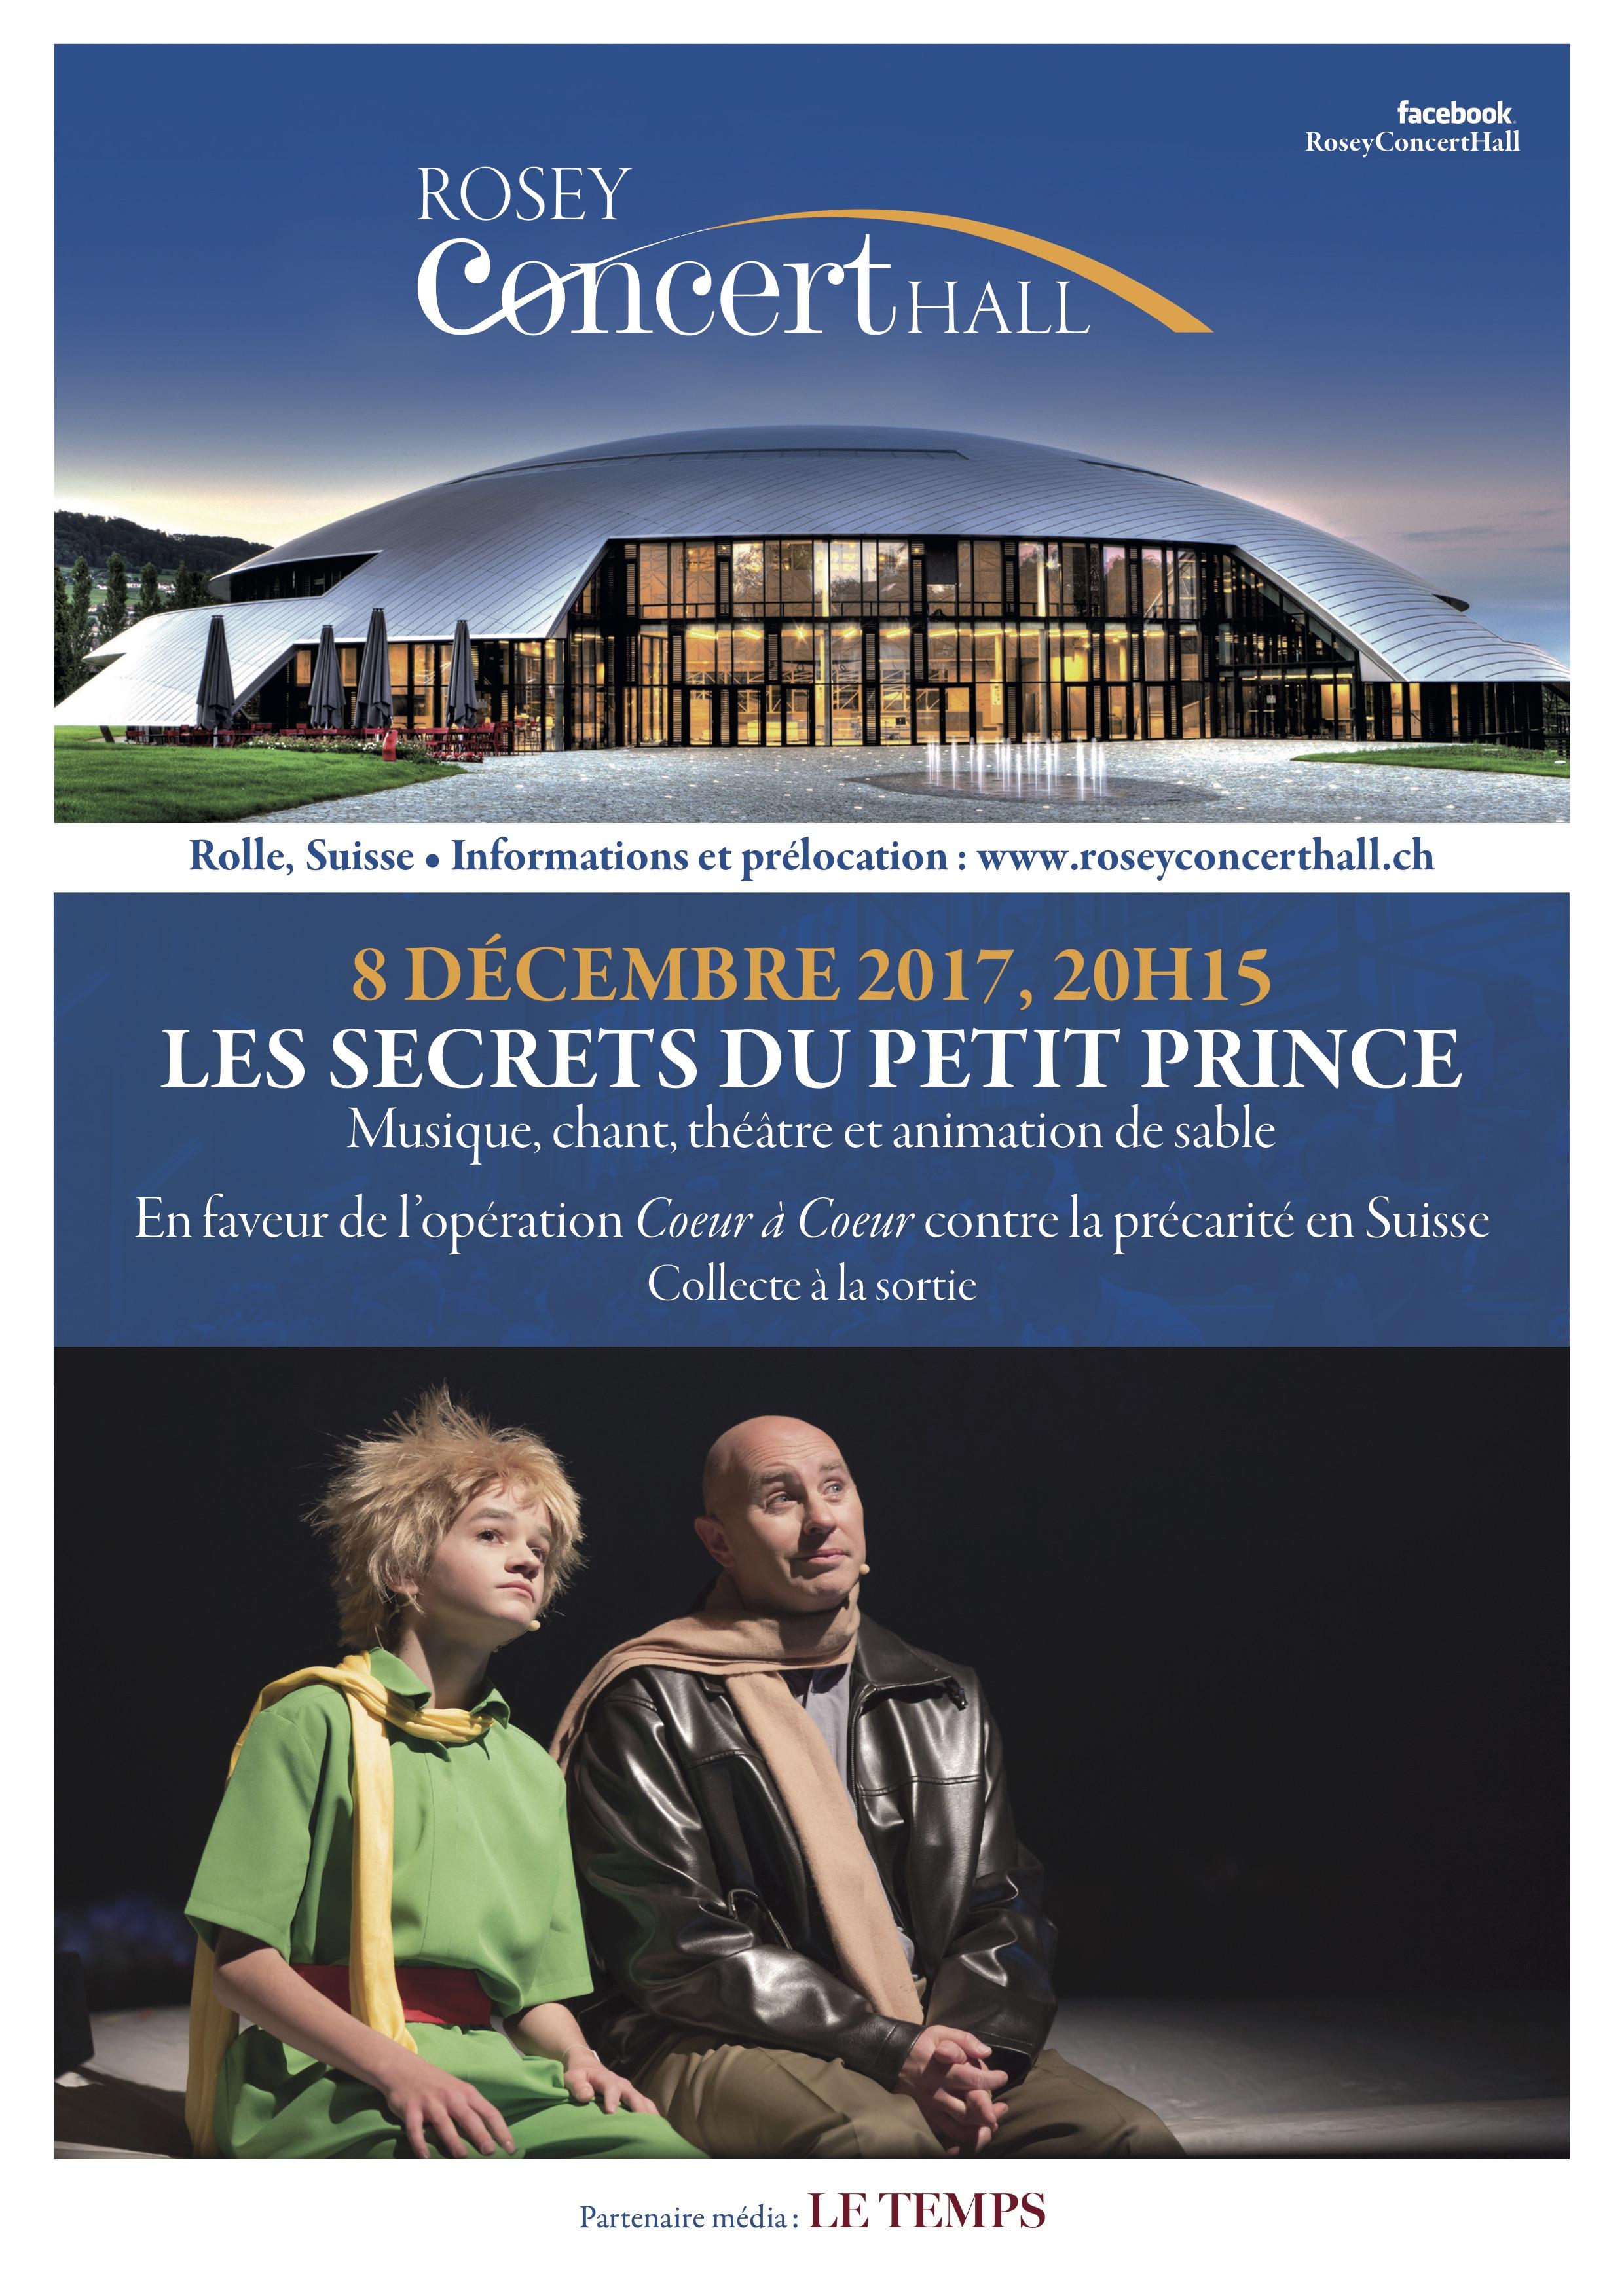 Les Secrets du Petit Prince 8 Decembre